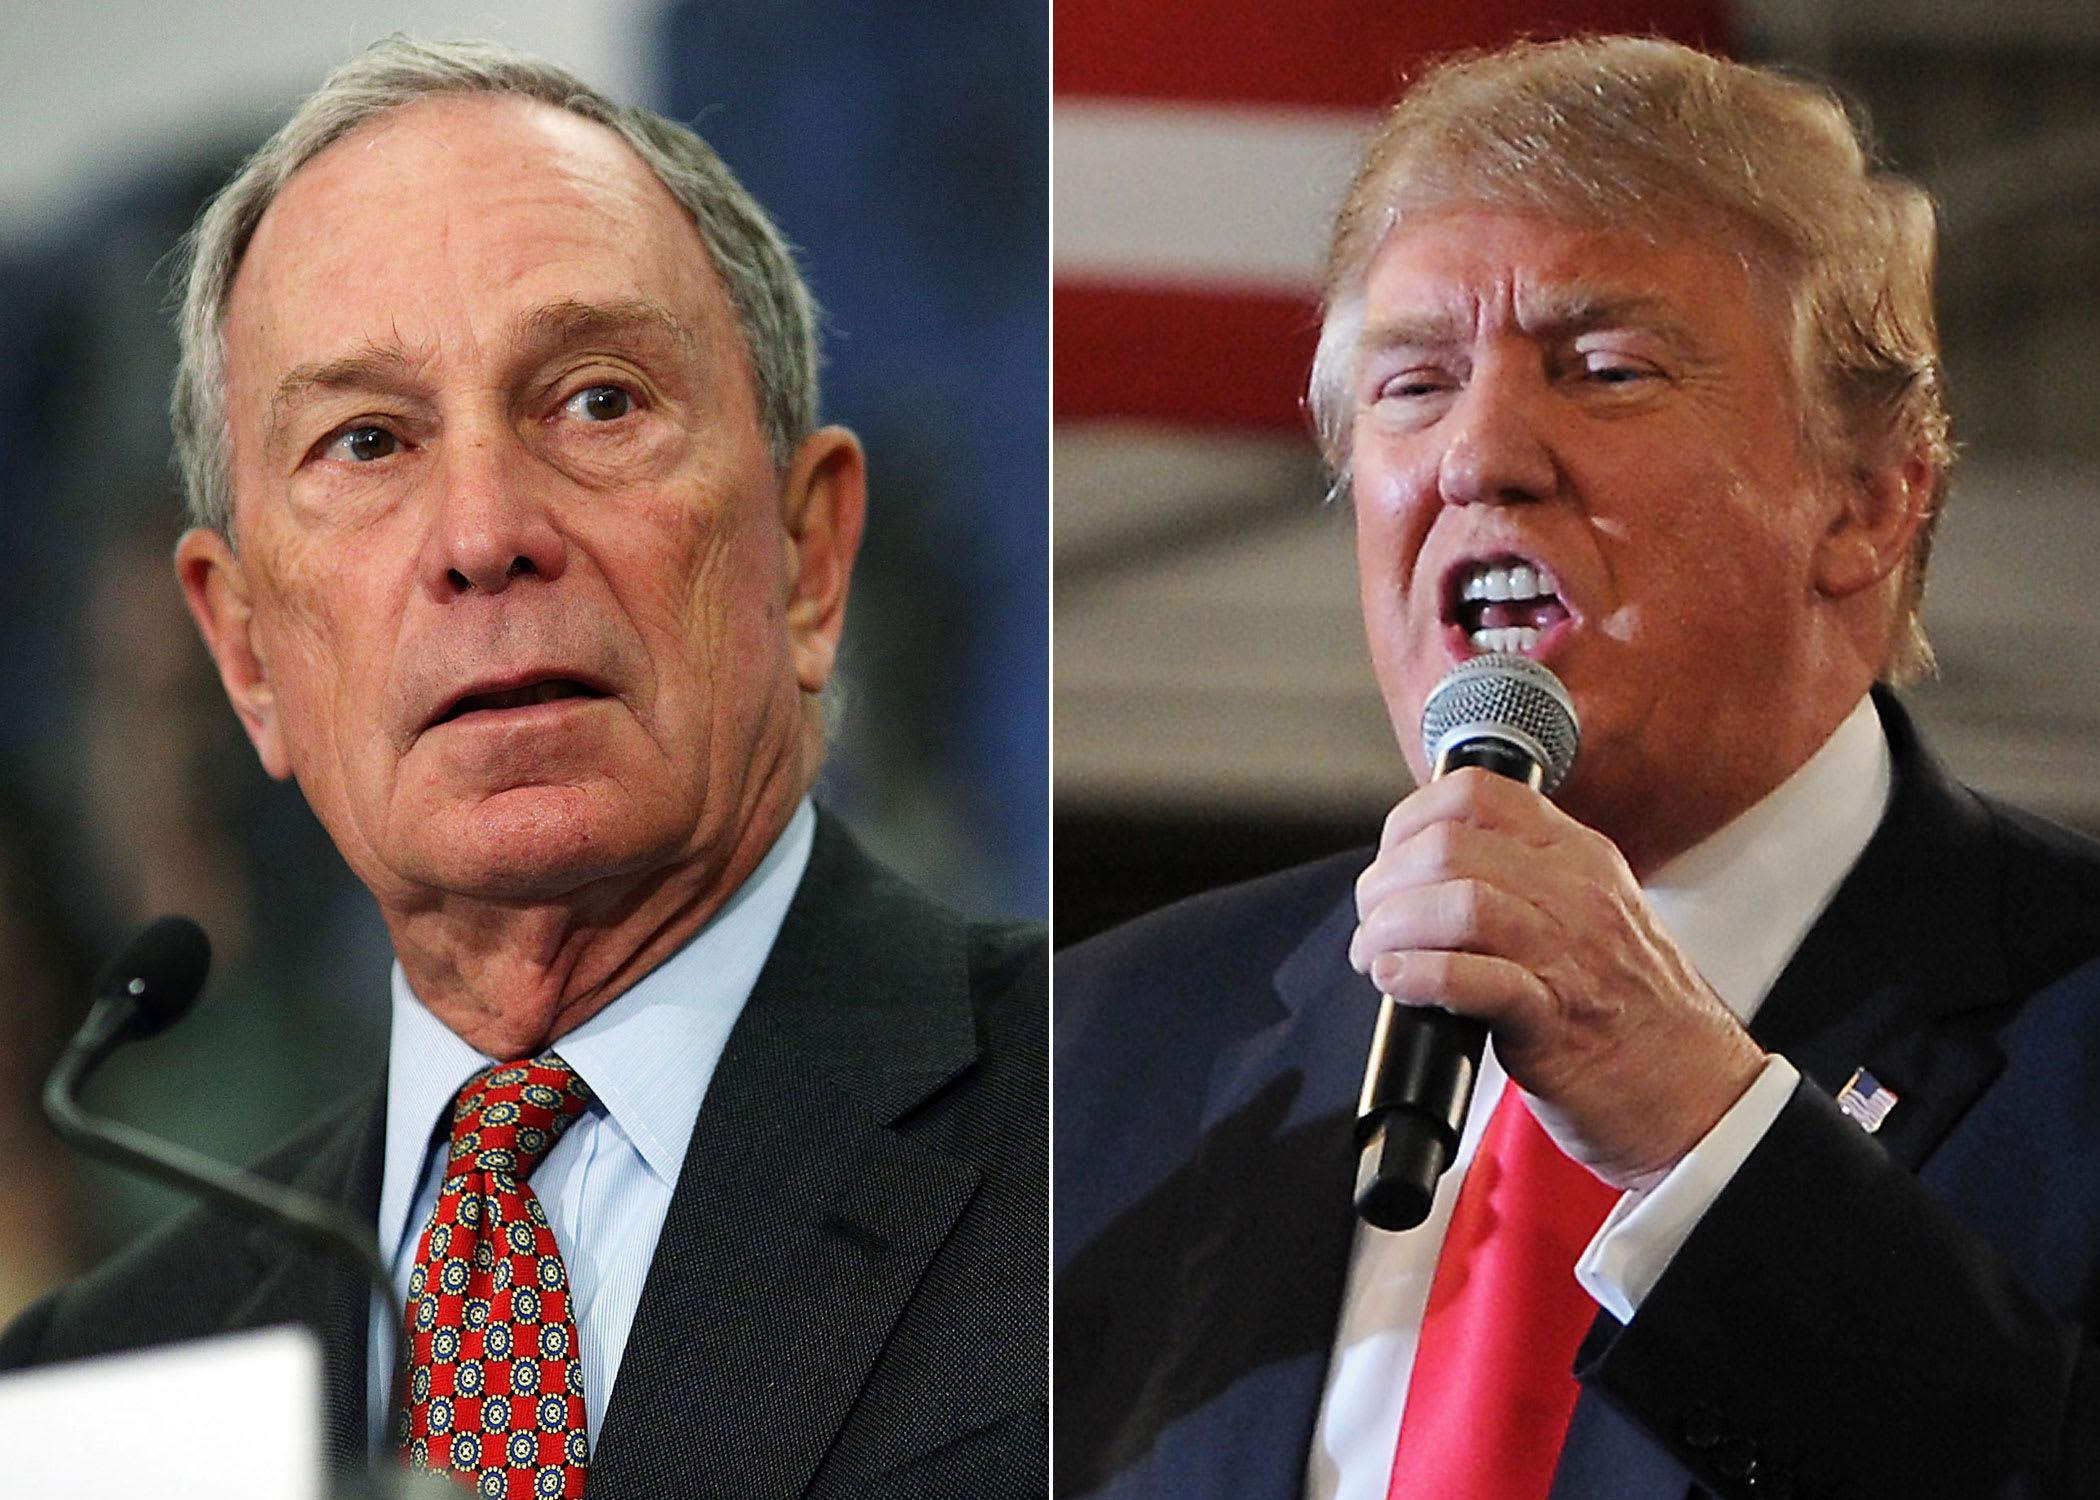 الملياردير بلومبرغ يستعد لخوض انتخابات الرئاسة الأمريكية للإطاحة بترامب !